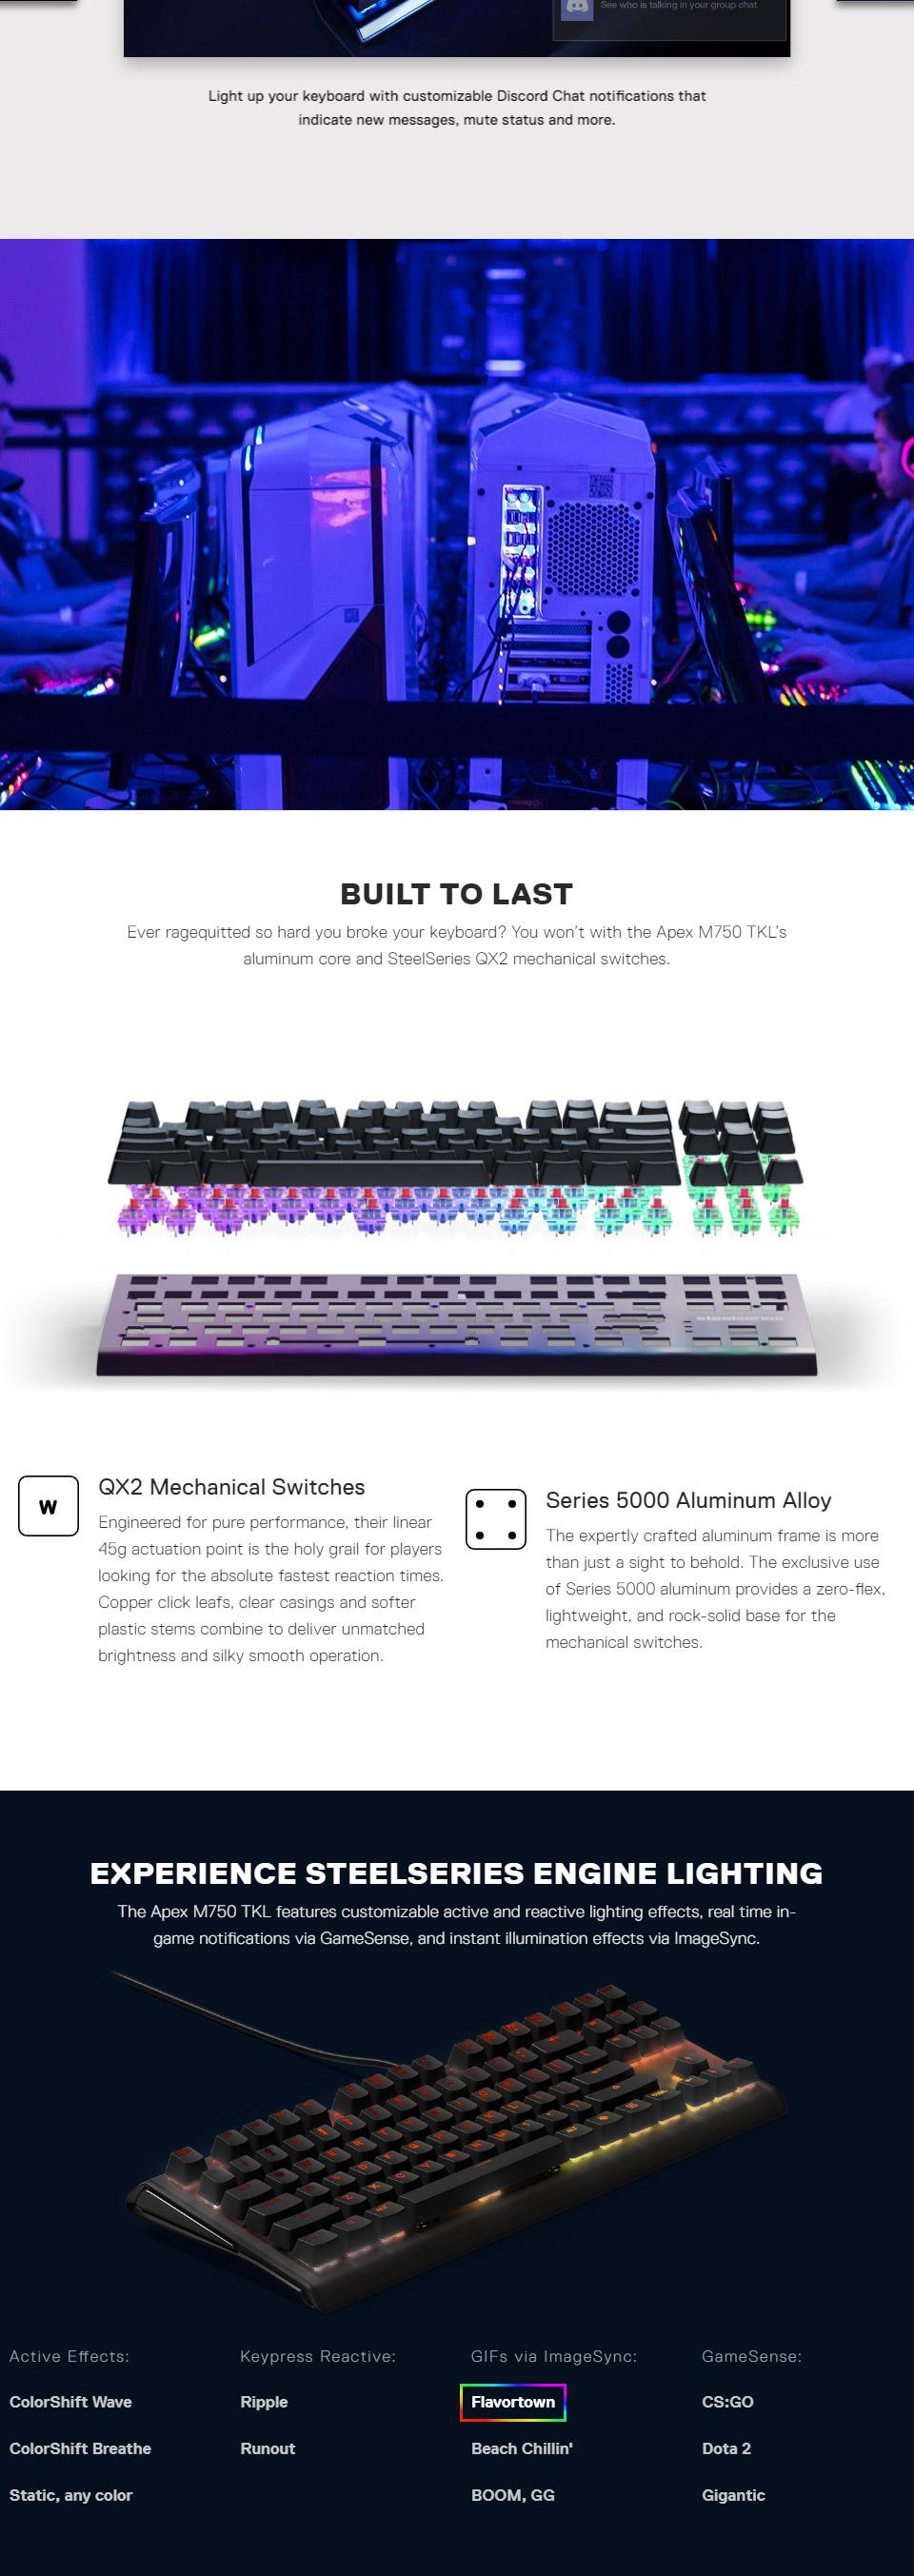 SteelSeries Apex M750 TKL RGB Mechanical Gaming Keyboard